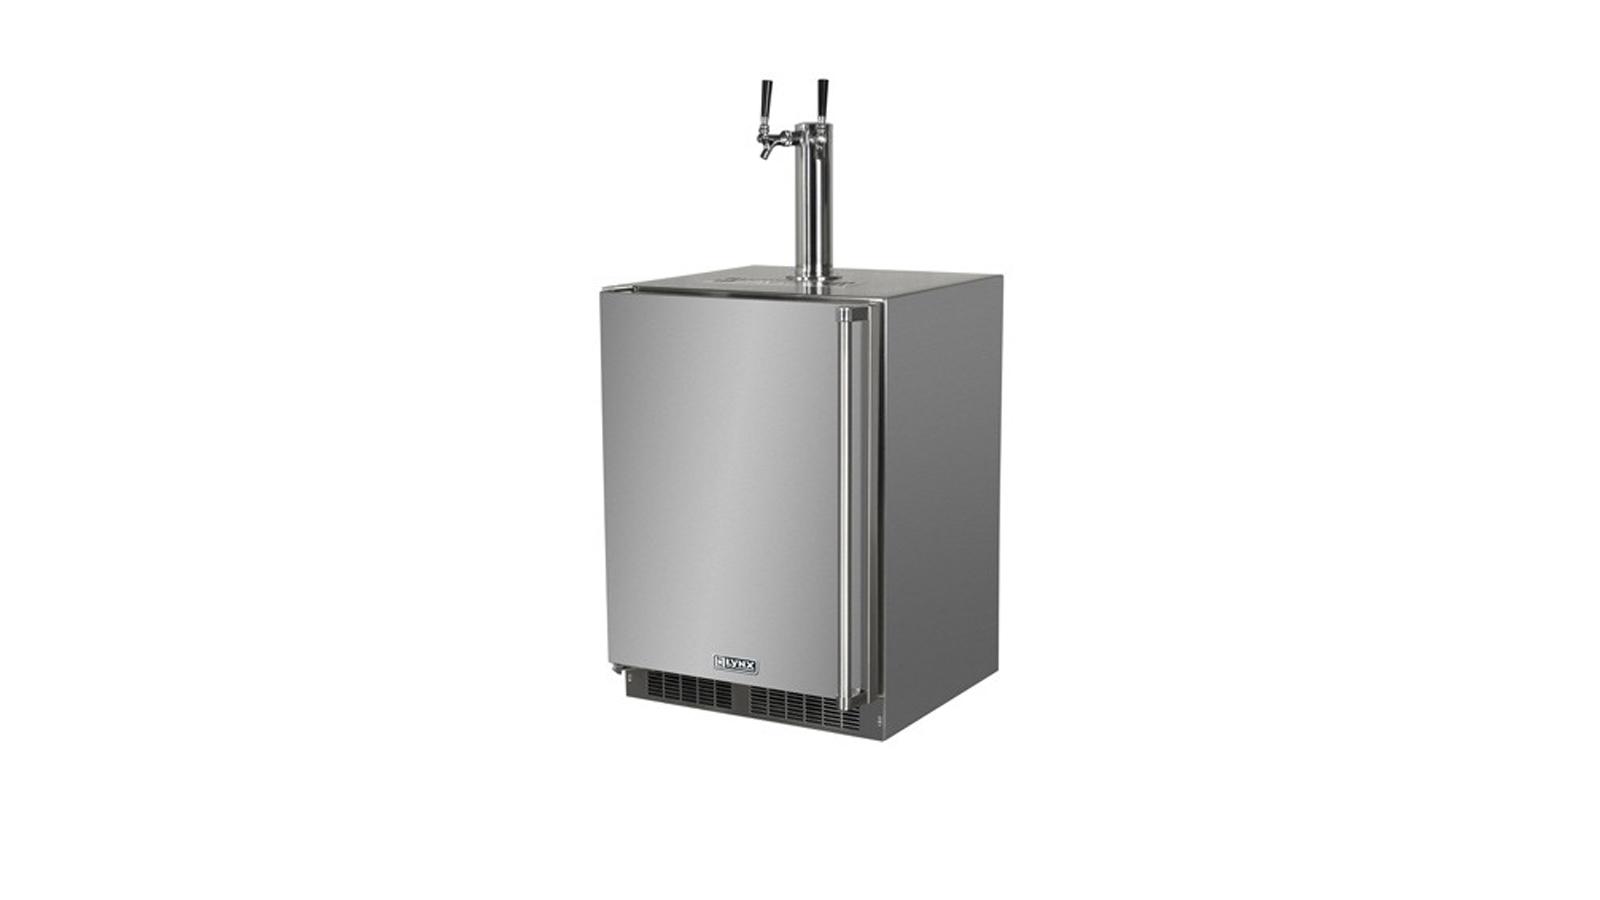 """24"""" Professional Outdoor Beverage Dispenser with Left Hinge (LM24BFL)"""